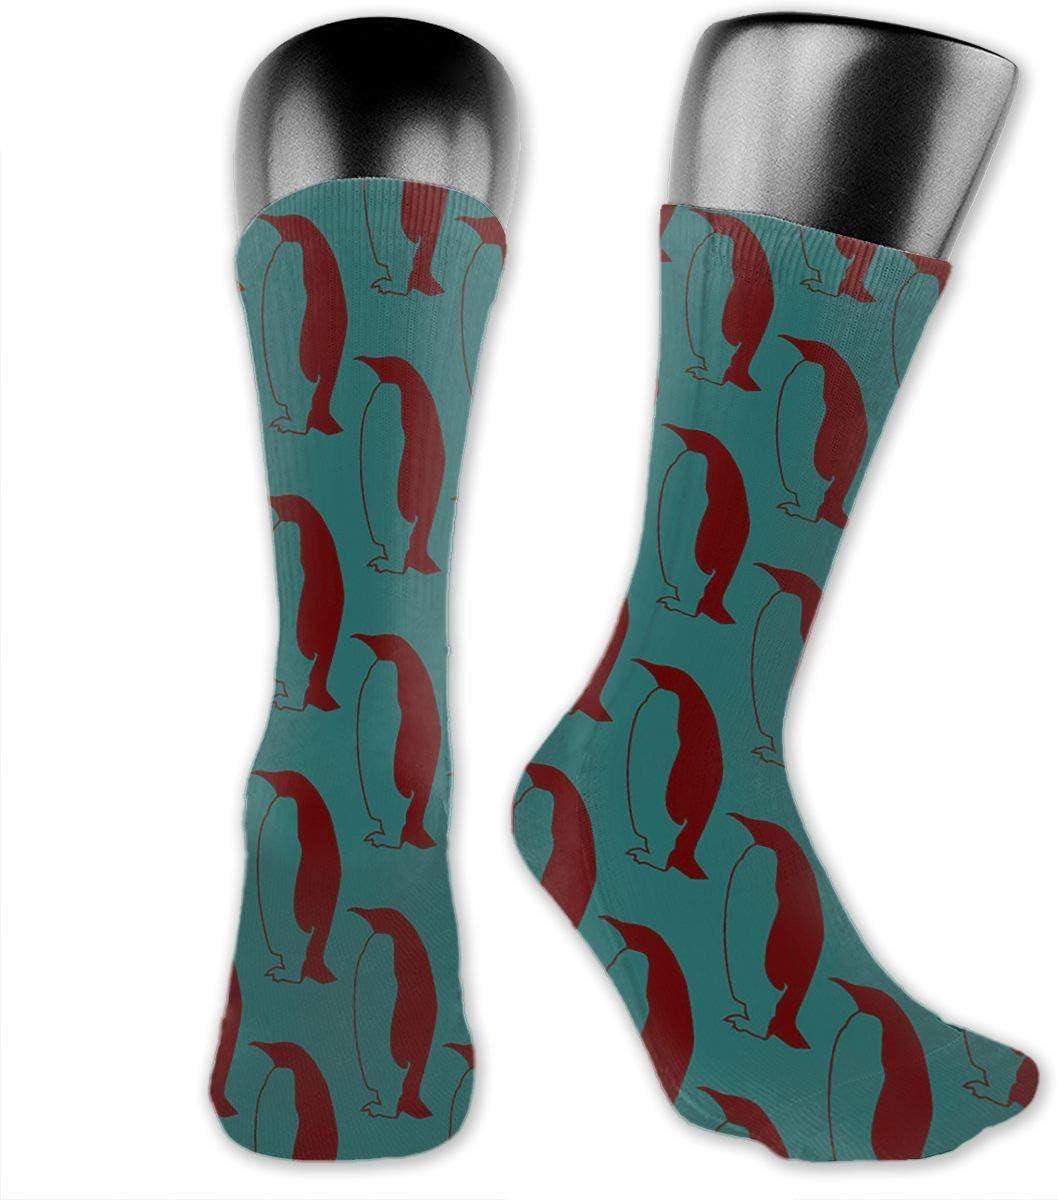 Yuotry Unisex Performance Cushion Crew Socks Tube Socks Red Penguin New Middle High Socks Sport Gym Socks